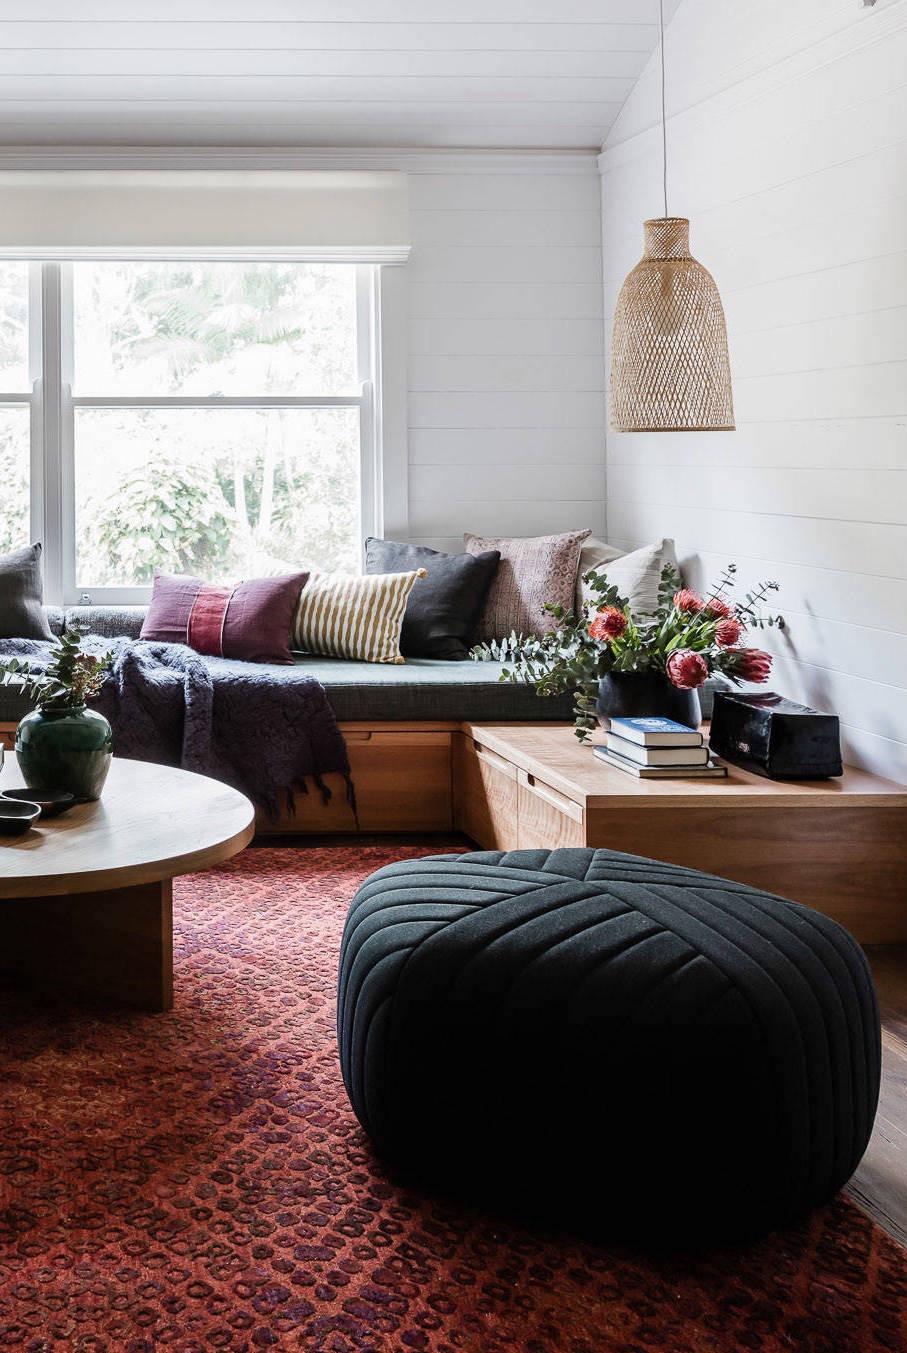 O puff redondo preto é muito charmoso, além de deixar o ambiente mais moderno.